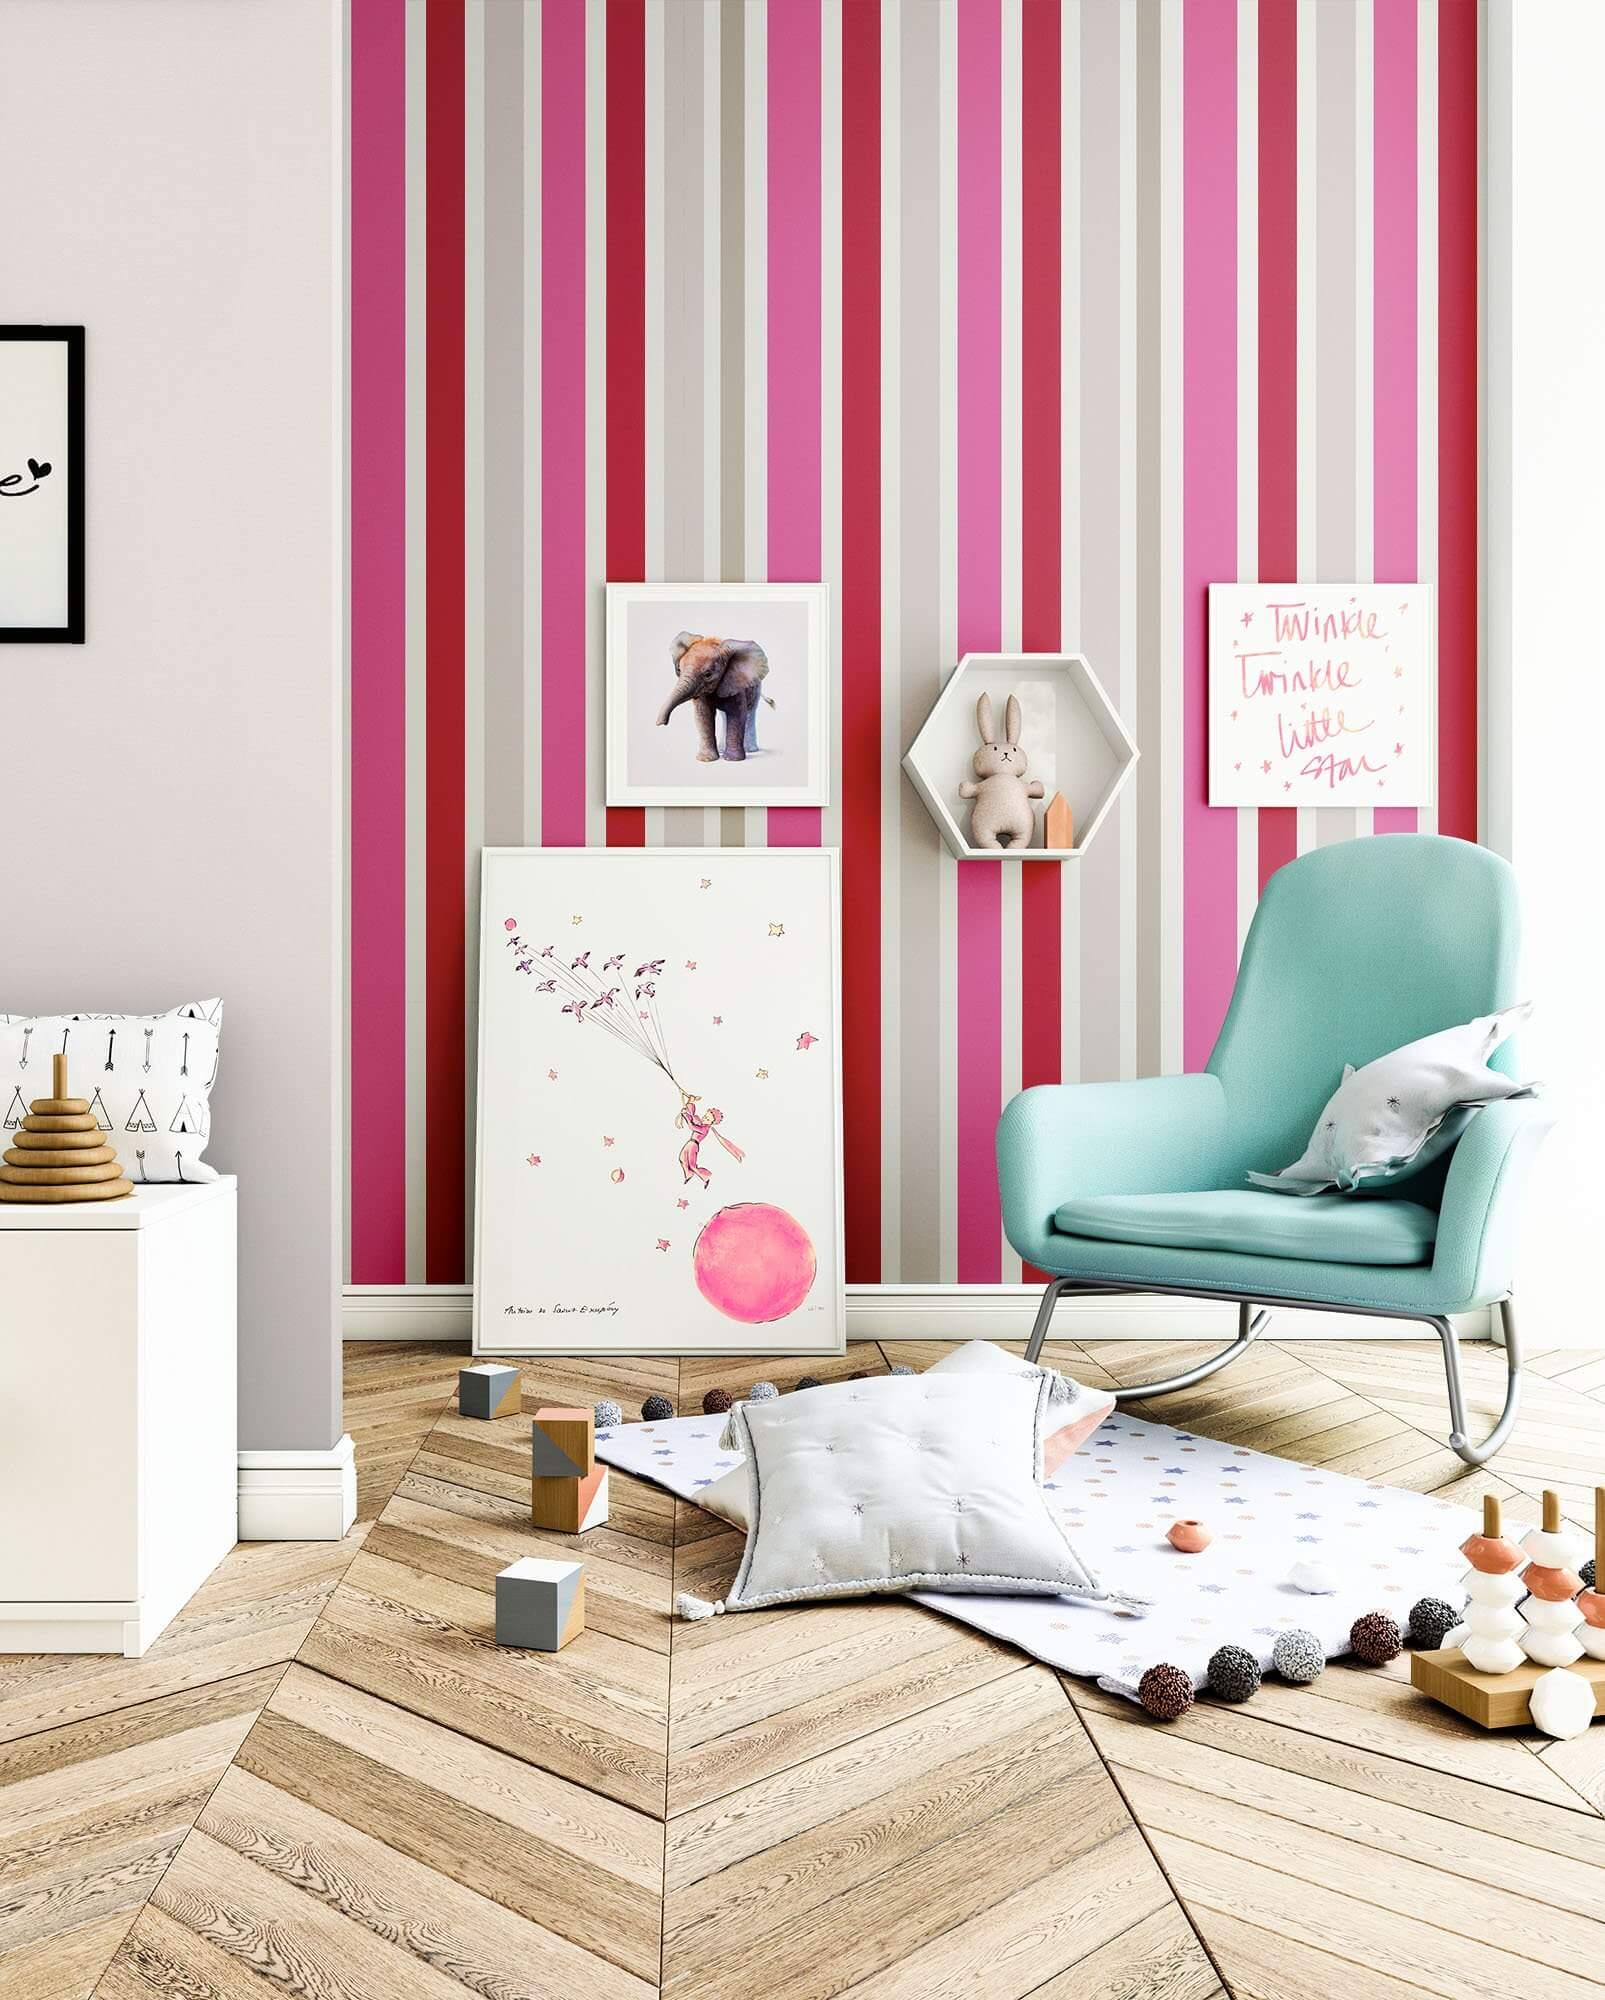 vliestapete pink modern diele flur kinder k che schlafen wohnen newroom. Black Bedroom Furniture Sets. Home Design Ideas